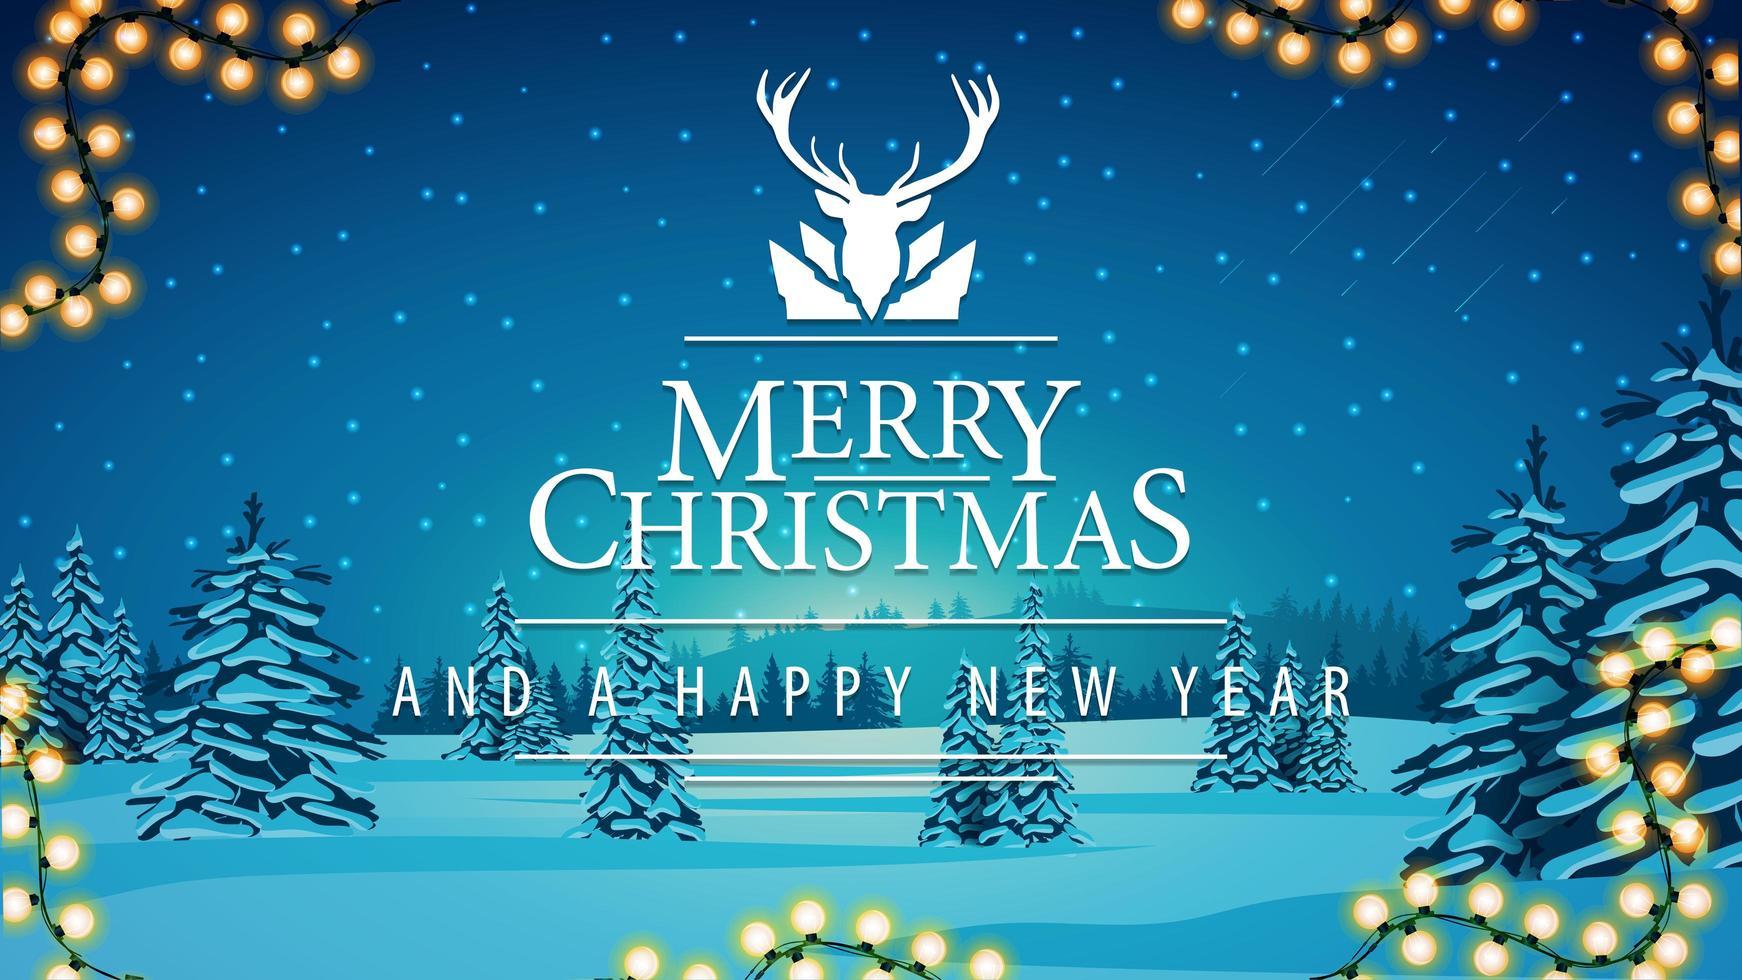 joyeux noël et bonne année carte postale de voeux vecteur